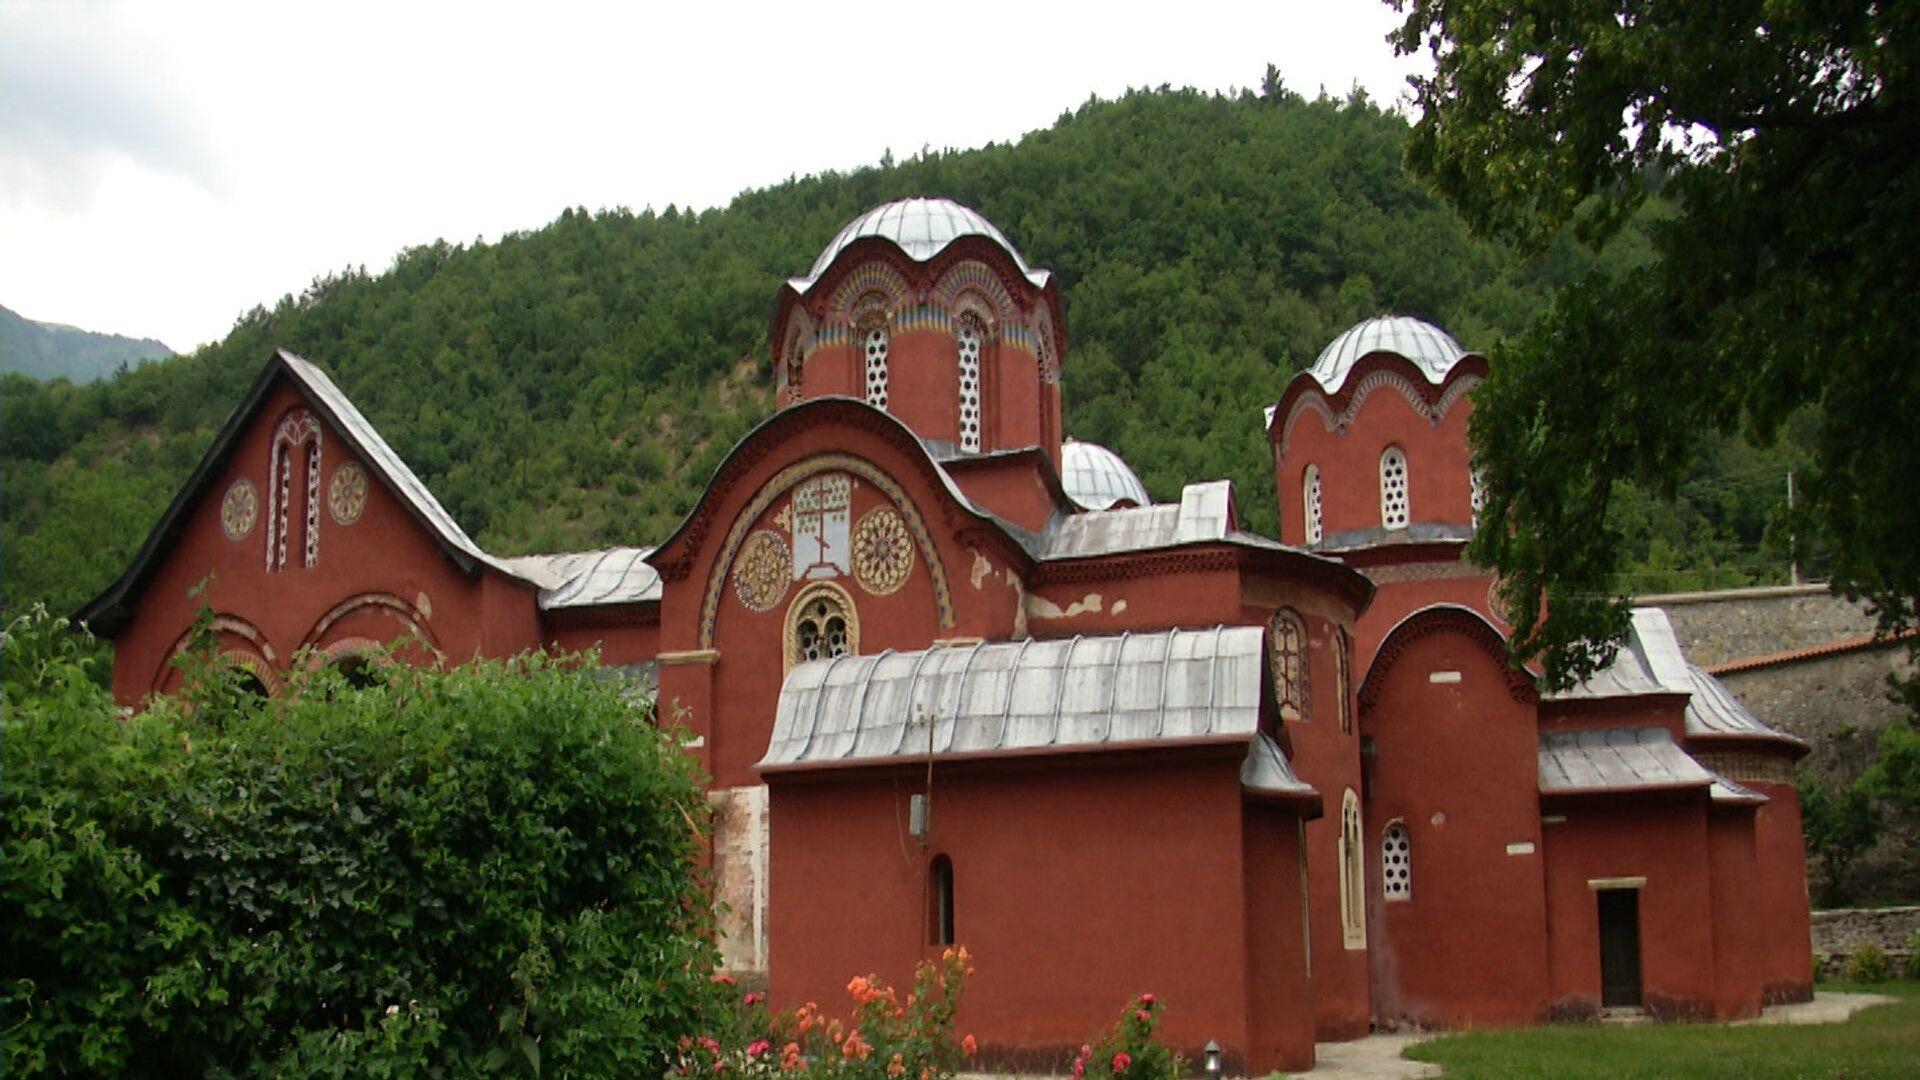 Manastir Pećka patrijaršija - Sputnik Srbija, 1920, 07.09.2021